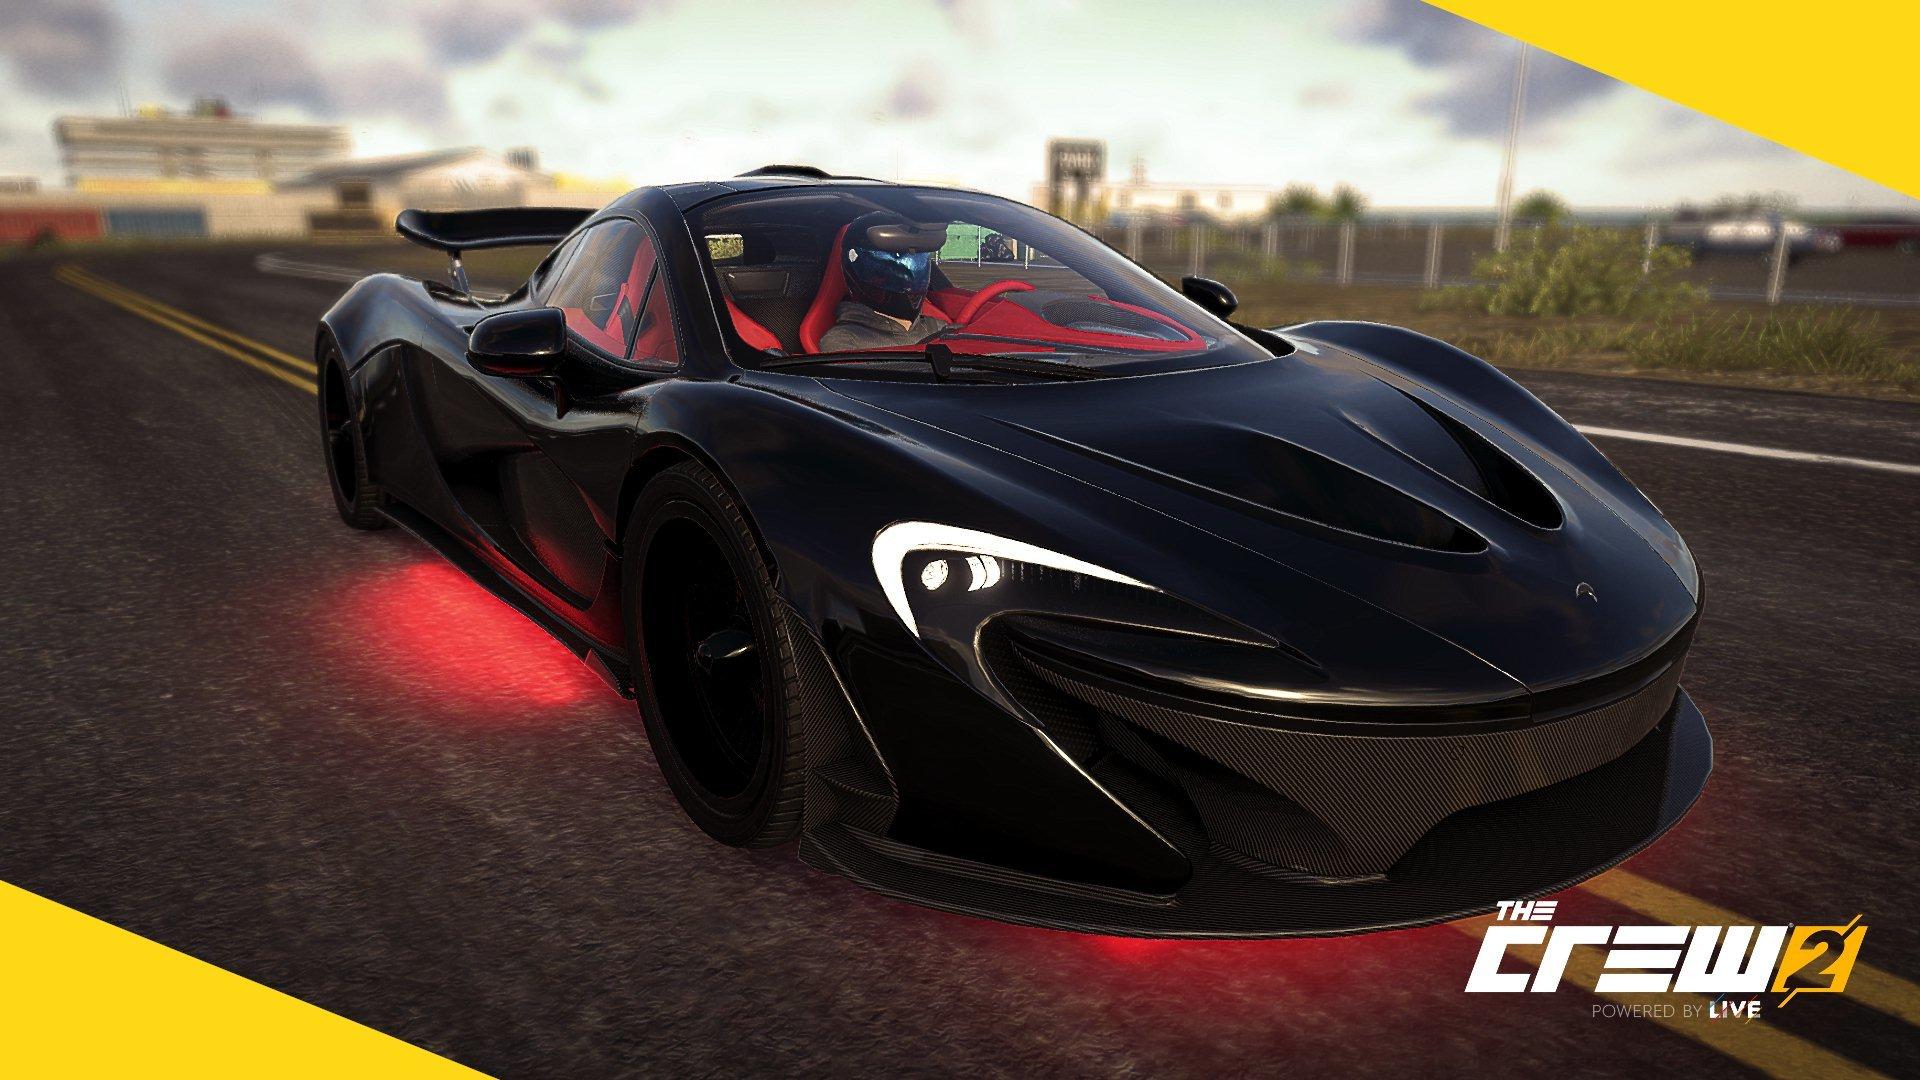 ゲーム「THE CREW2 P1でライブリワード探しの旅 & Veyron Edition Oneで走りまくる」_b0362459_22080955.jpeg